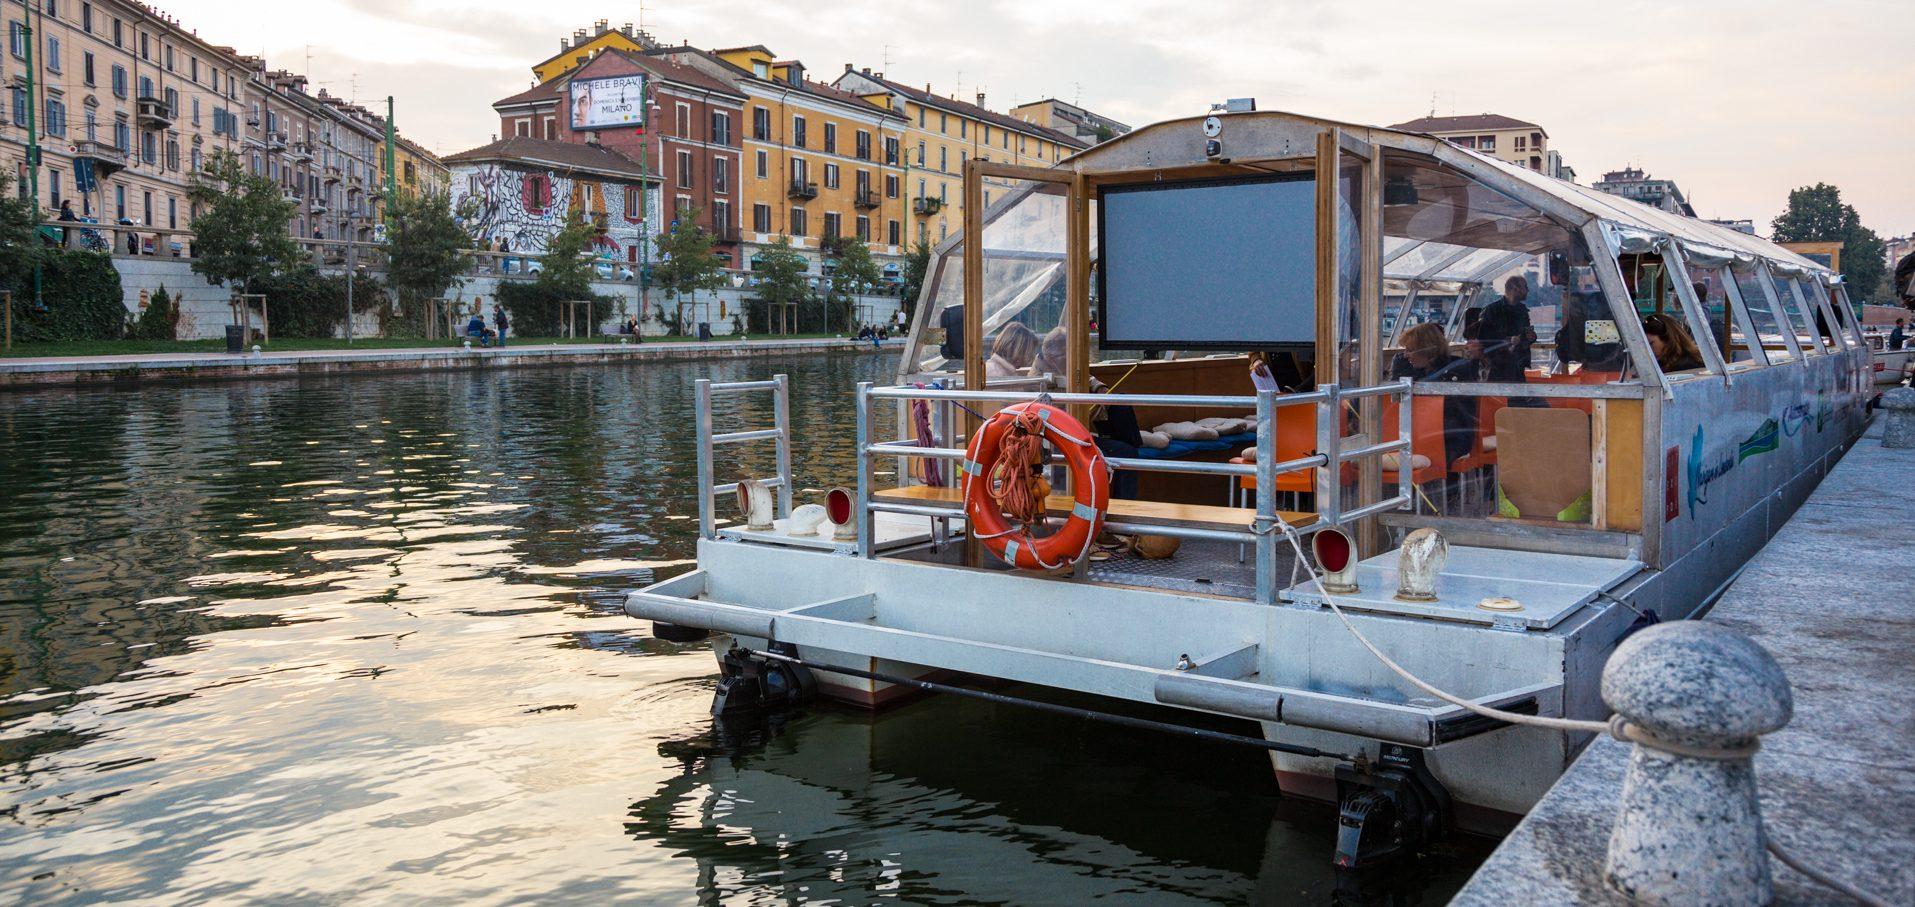 Cinema sull'acqua dei Navigli